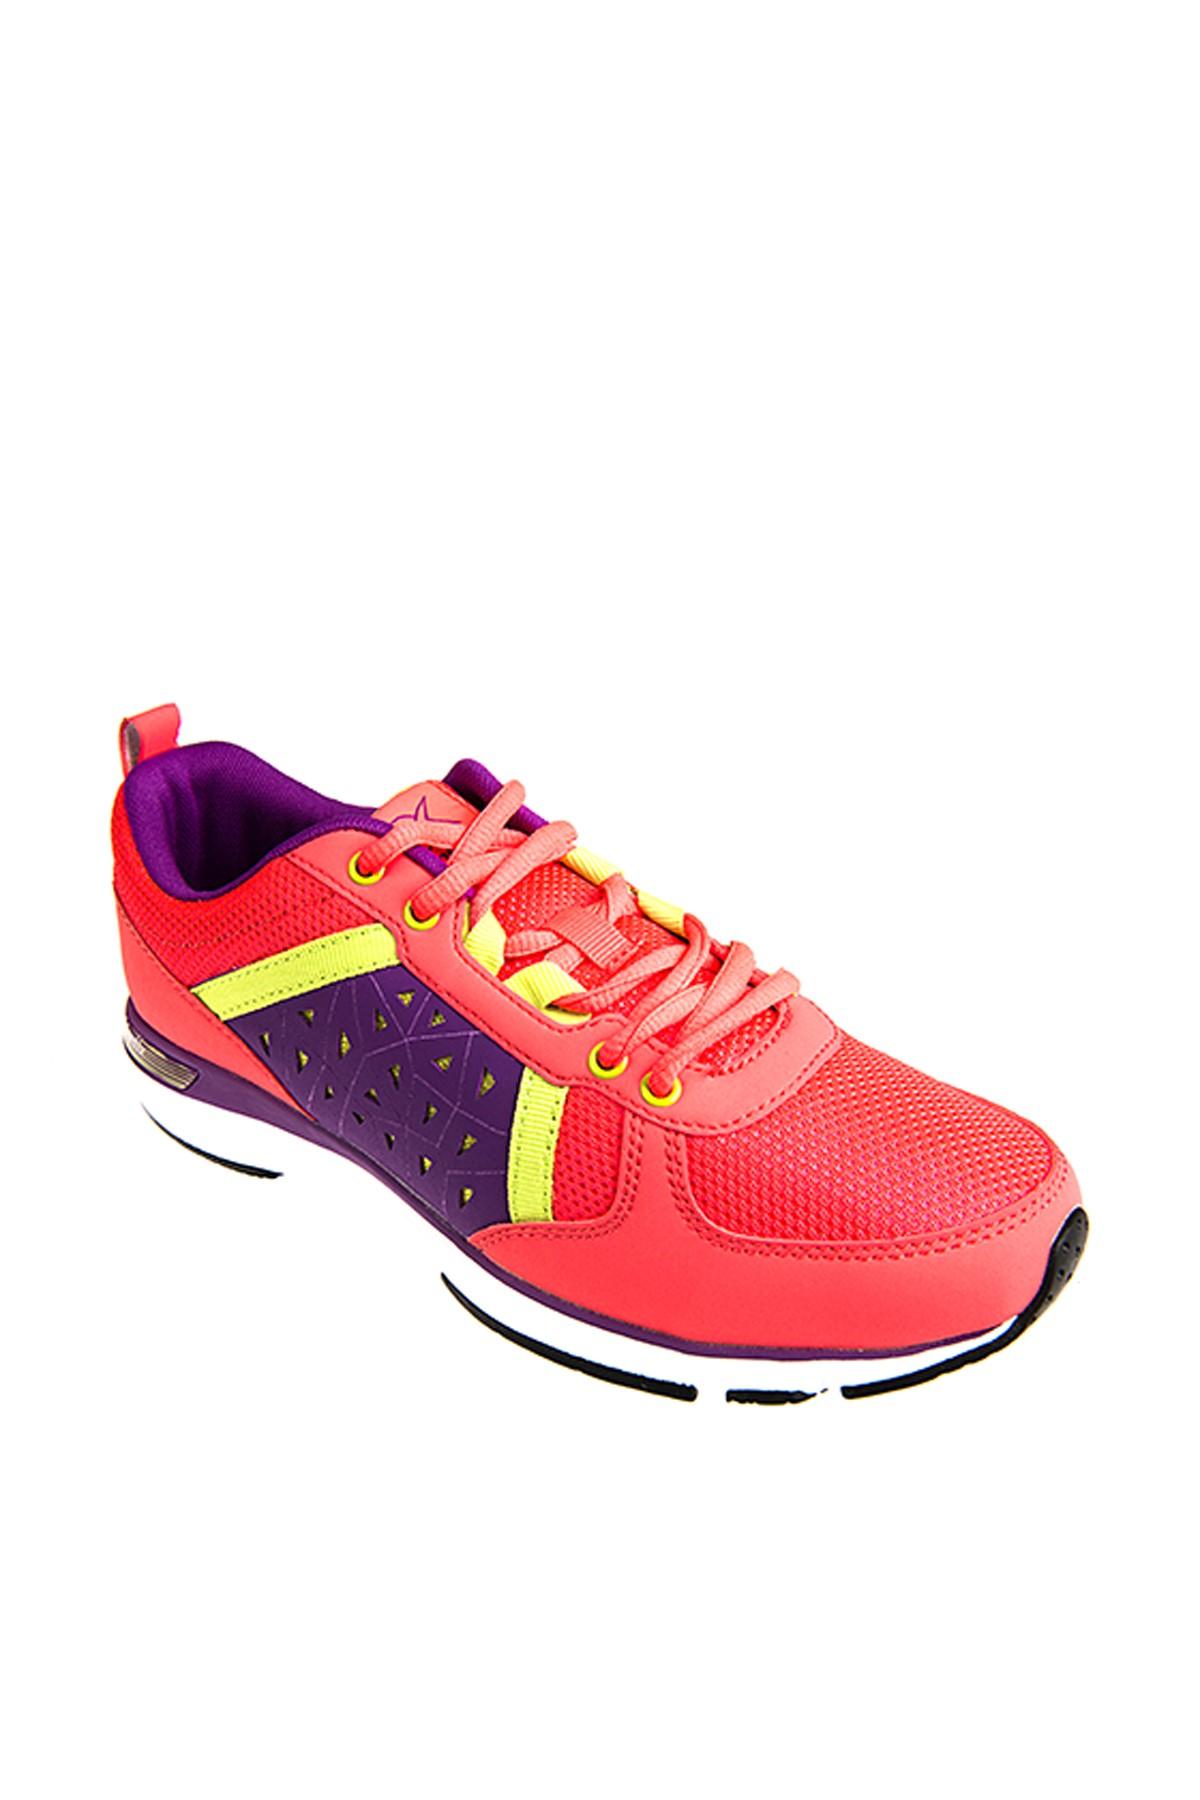 Kinetix 1235346 Pembe Mor Yeşil Kadın Fitness Ayakkabısı 100180967 2